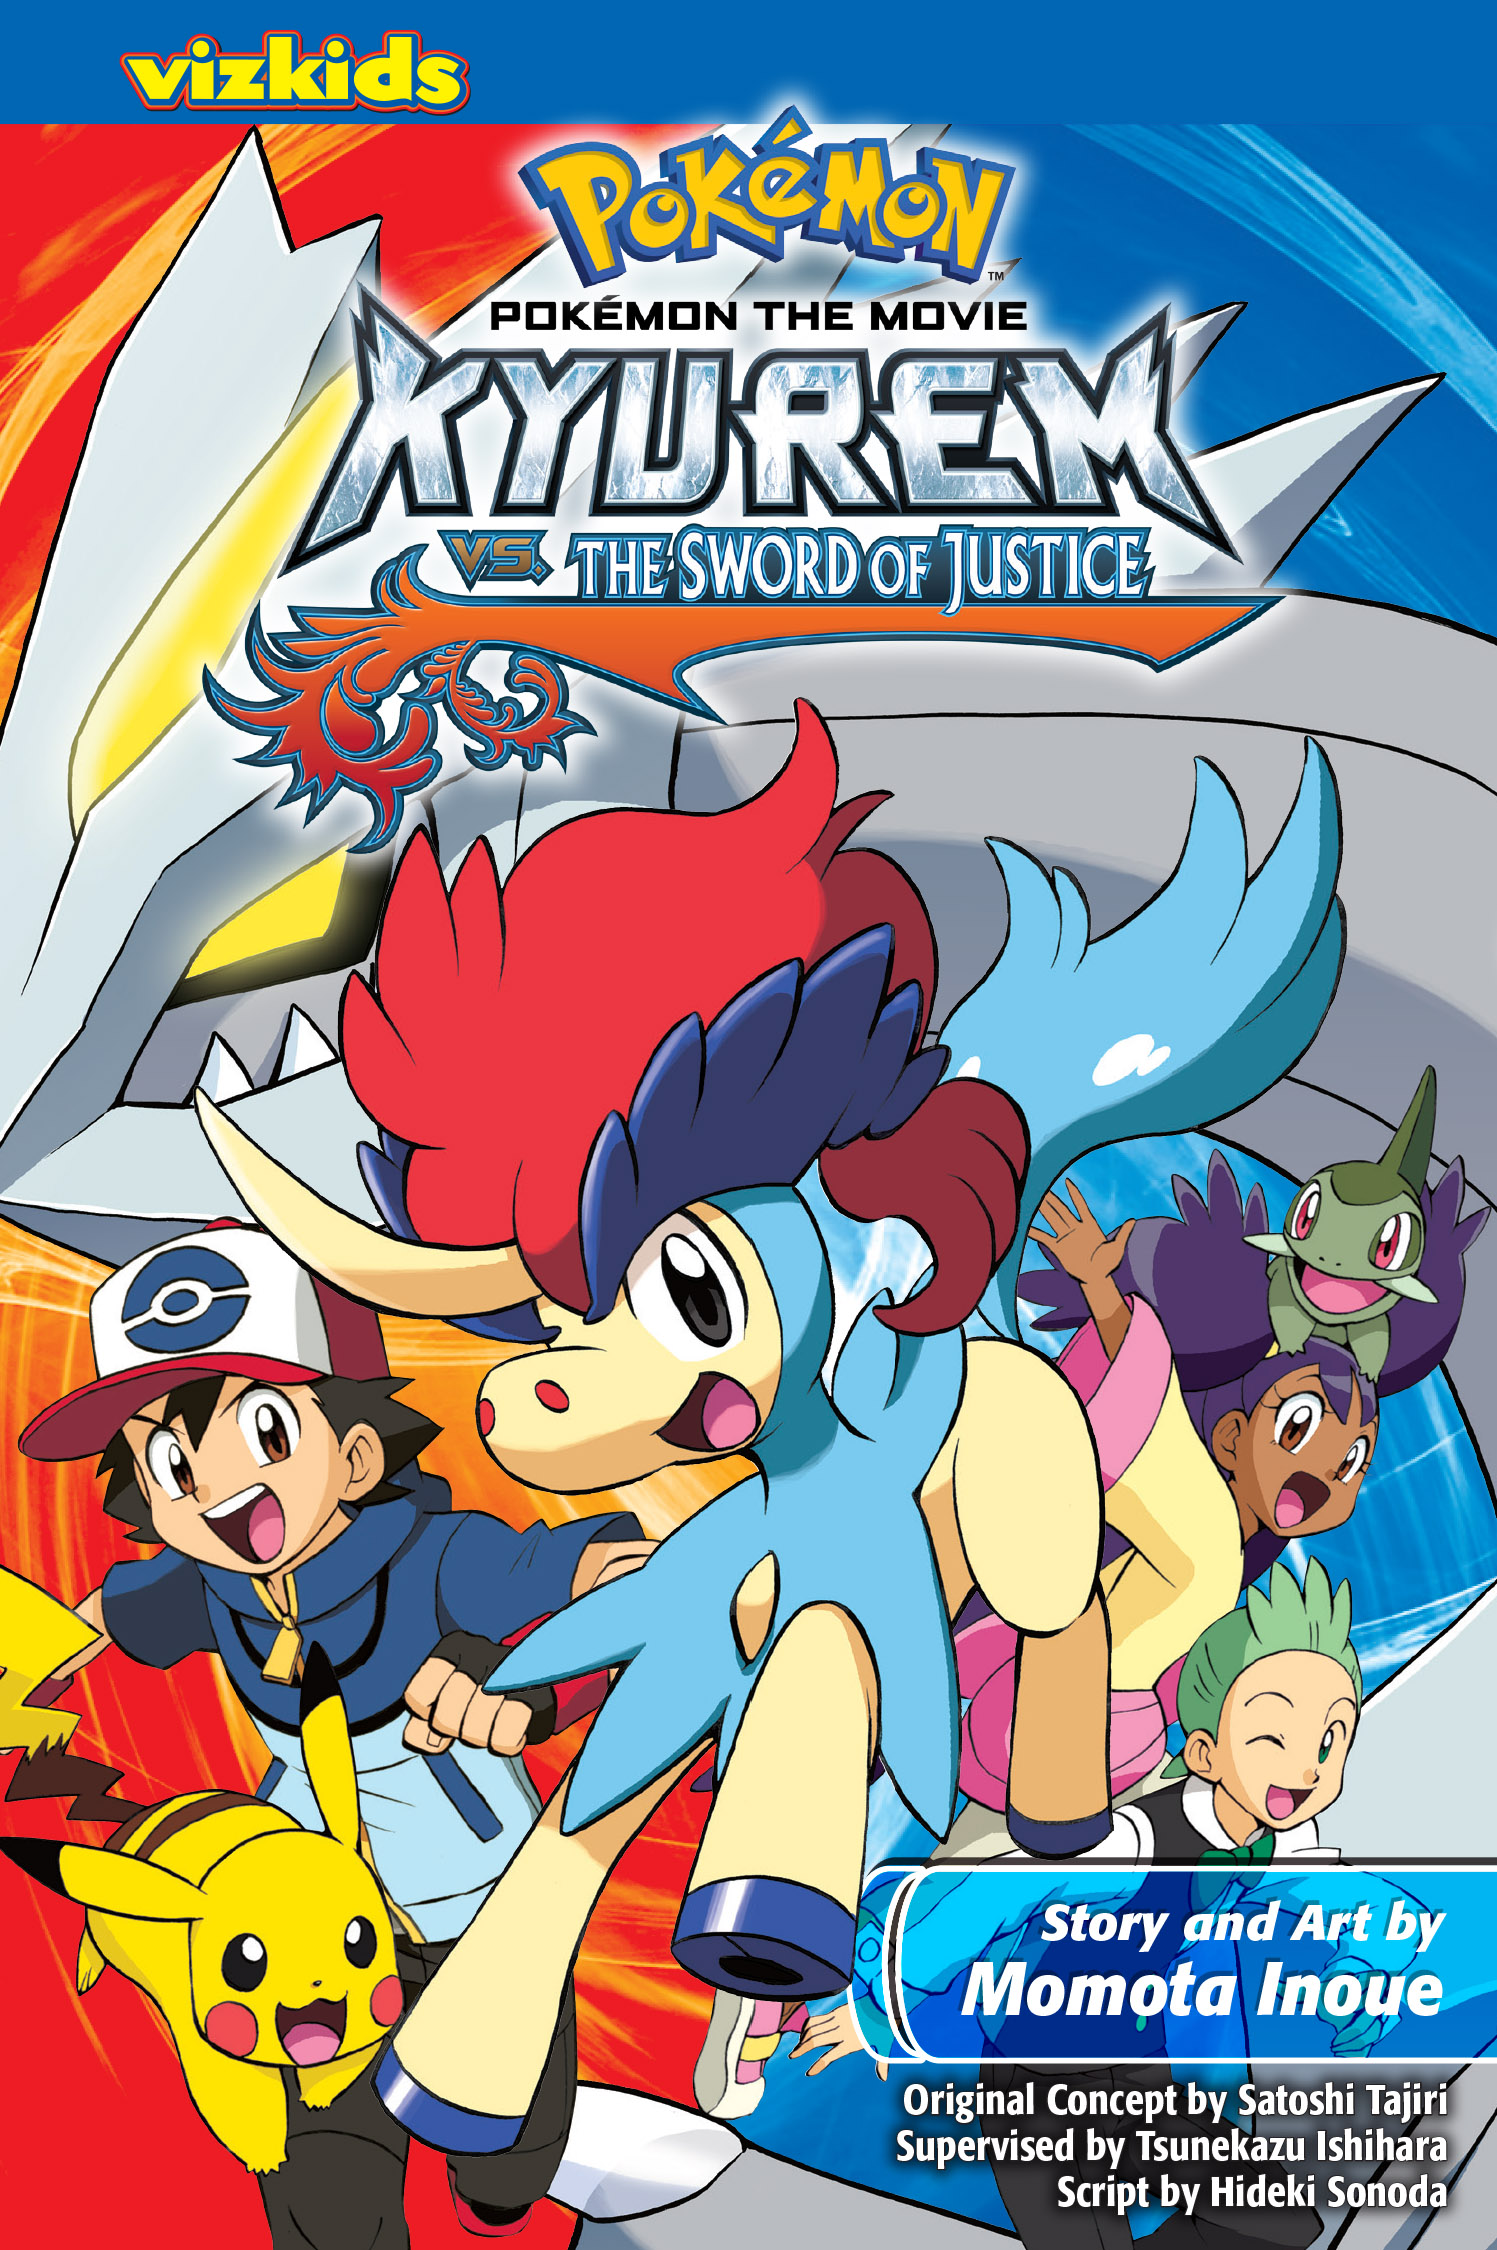 Pokemon the movie: kyurem vs. The sword of justice (2012) 24.